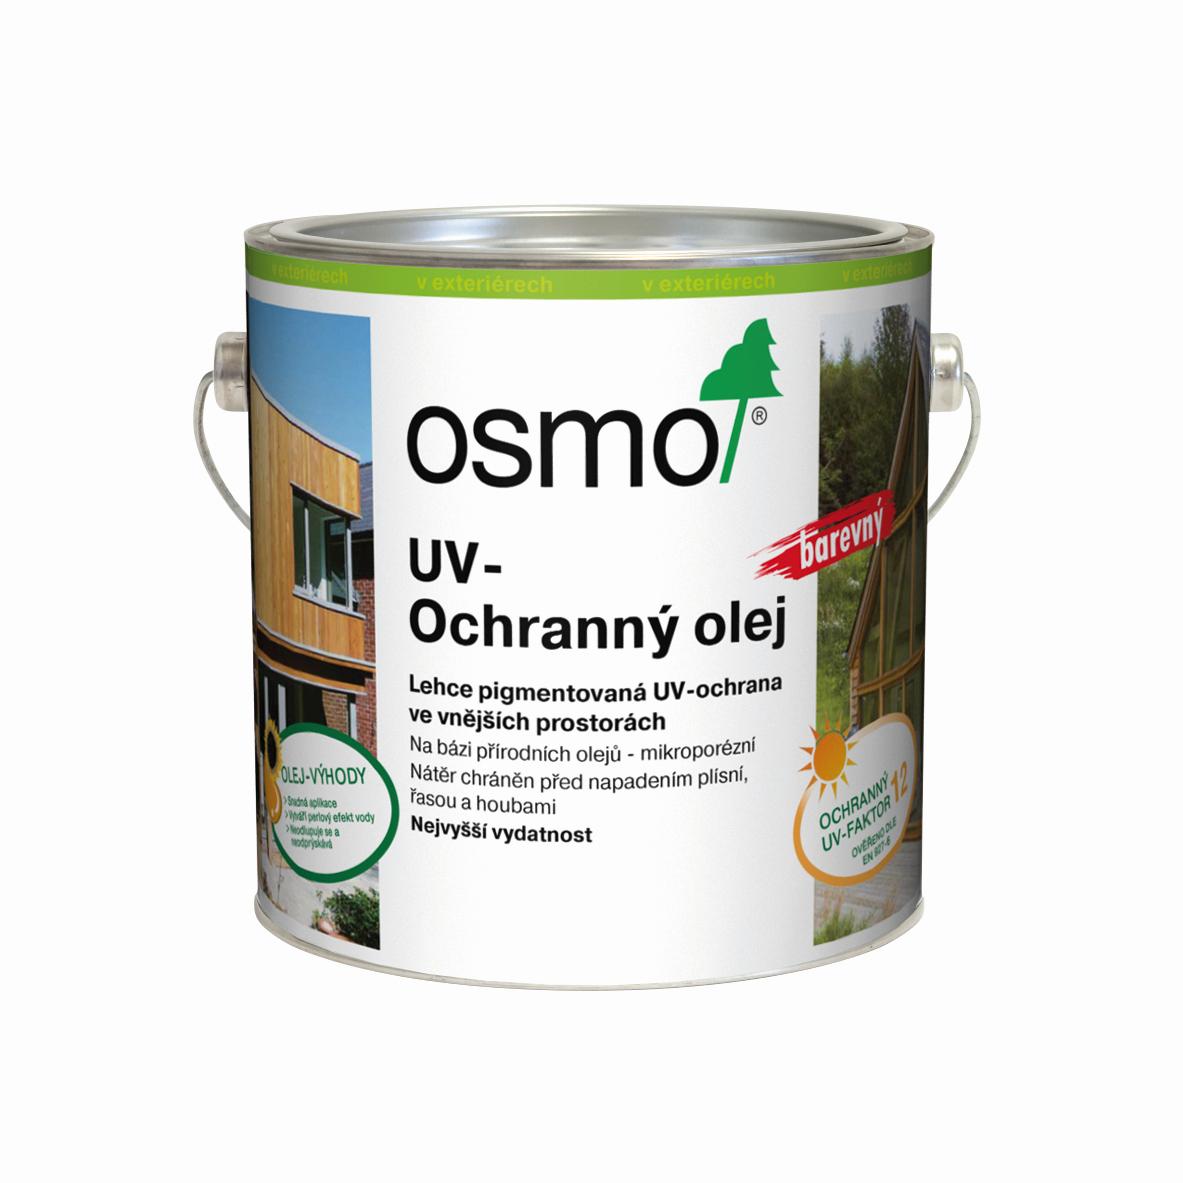 OSMO UV Ochranný olej barevný EXTRA + doprava ZDARMA nad 2 000Kč Velikost balení: 0,75 l, Odstín: 424 smrk/jedle